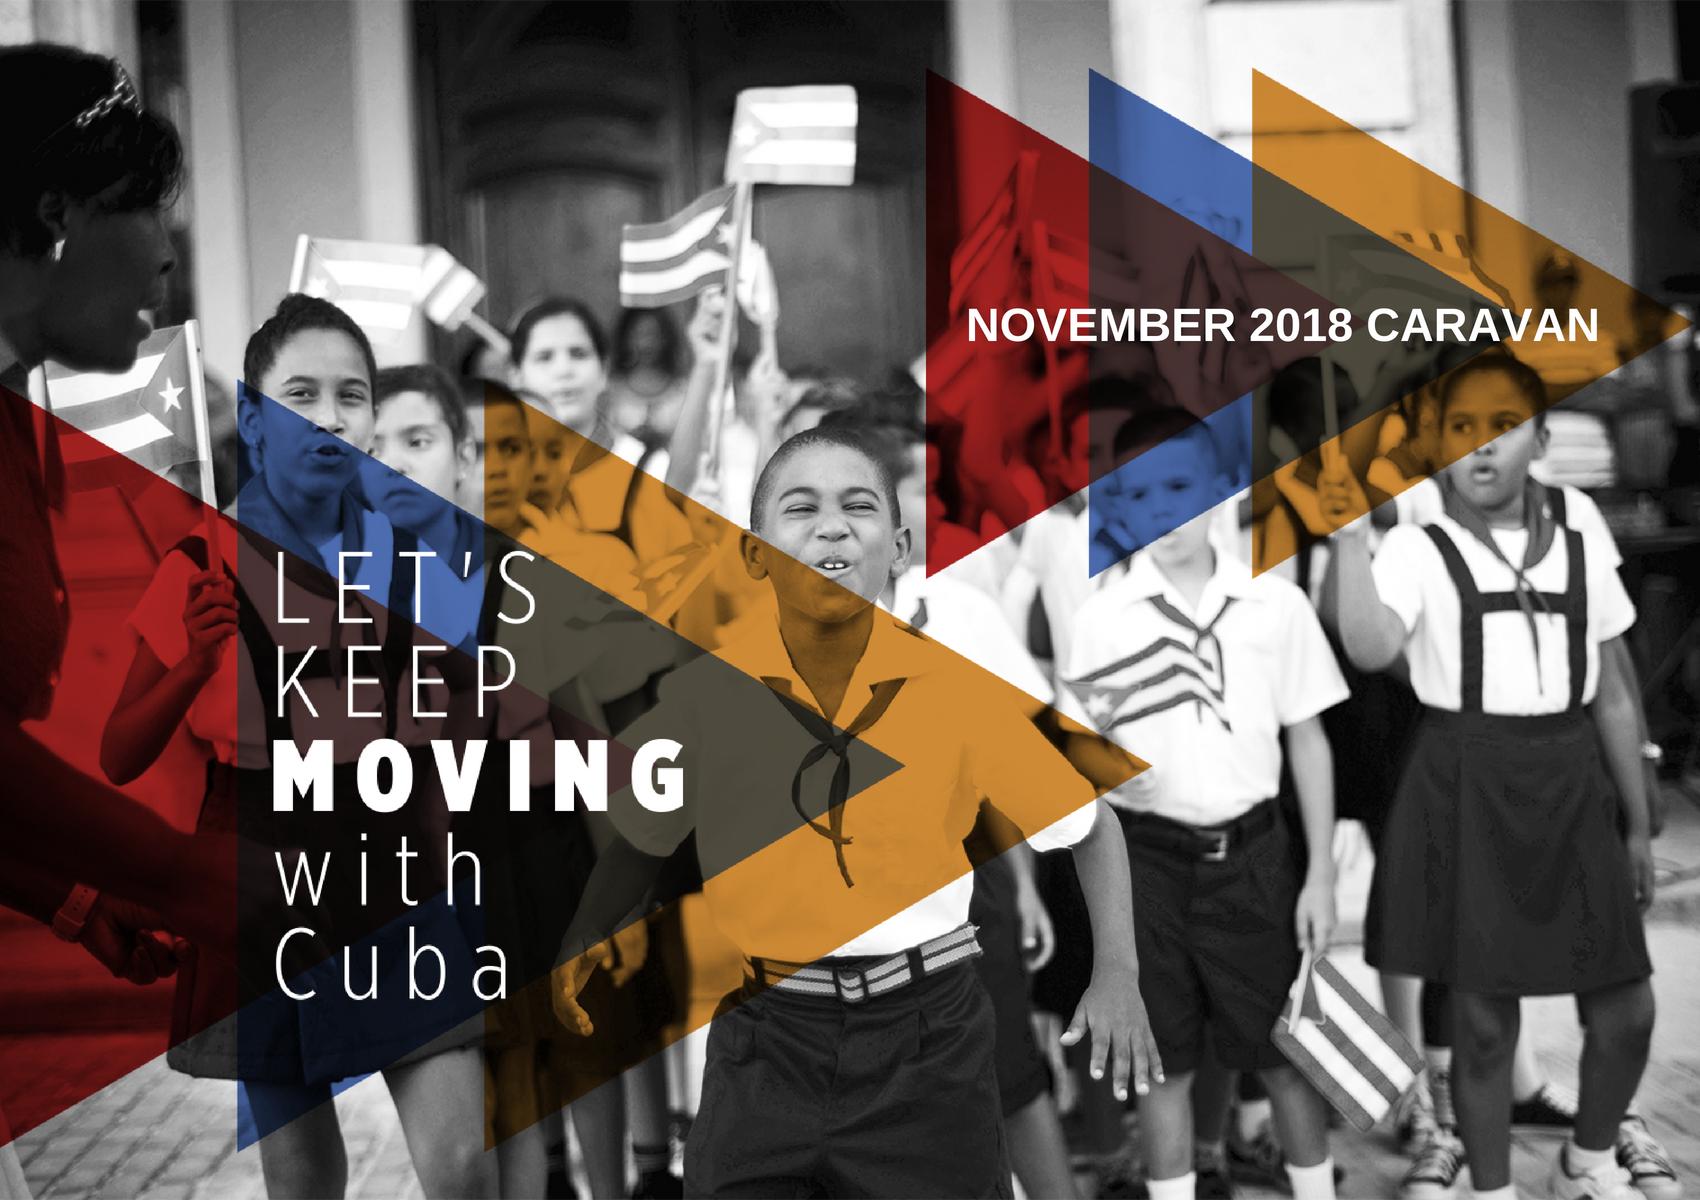 november-2018-caravan-1.png